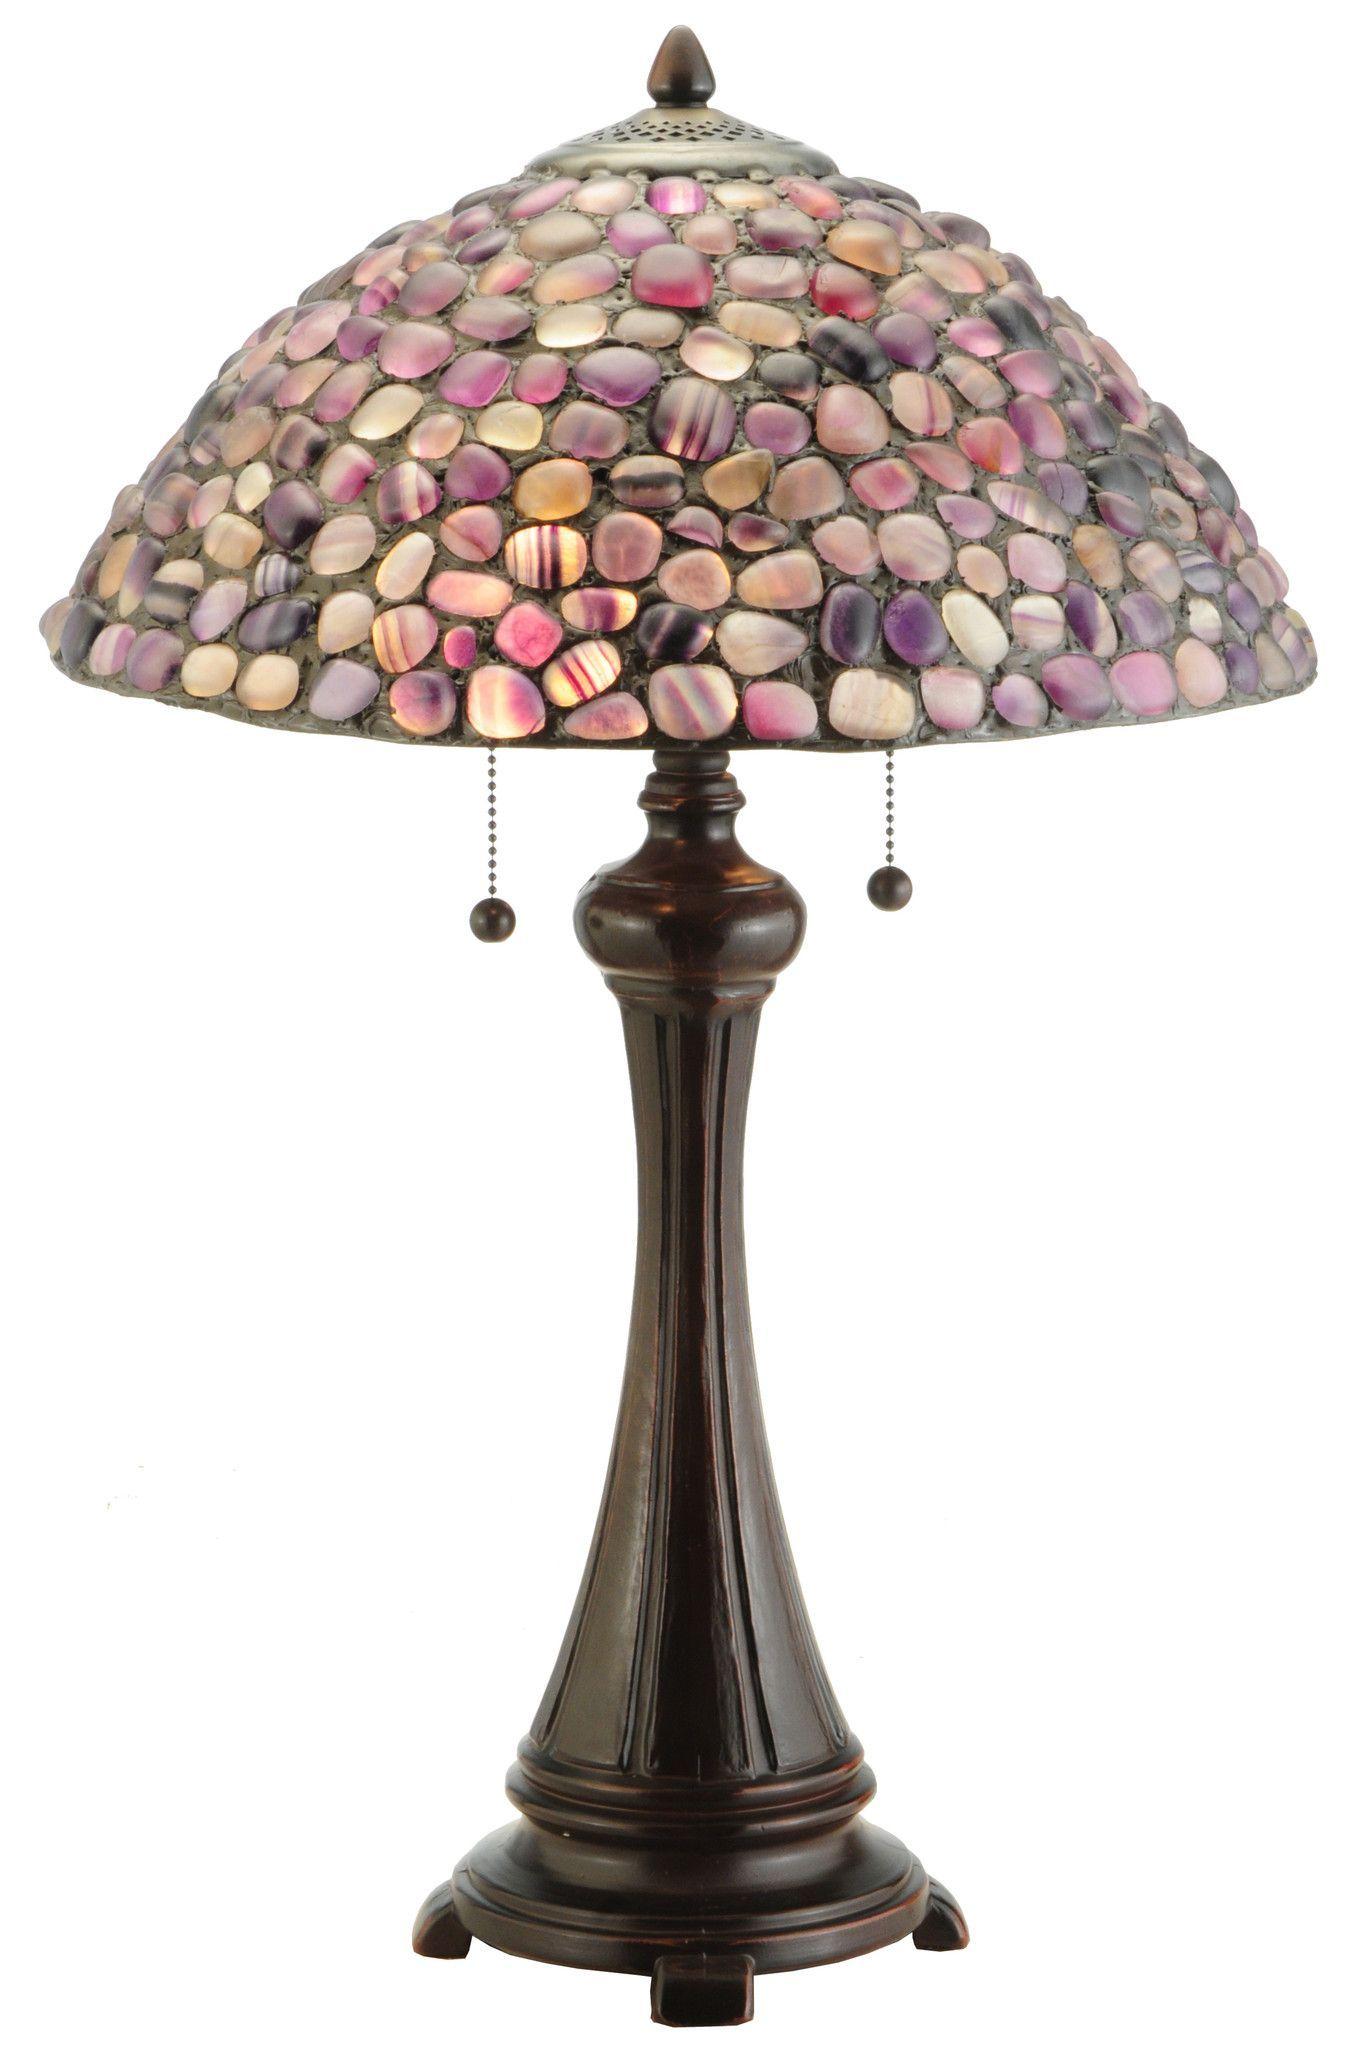 Meyda 25h agata purple table lamp purple table lamps and products meyda 25h agata purple table lamp geotapseo Gallery